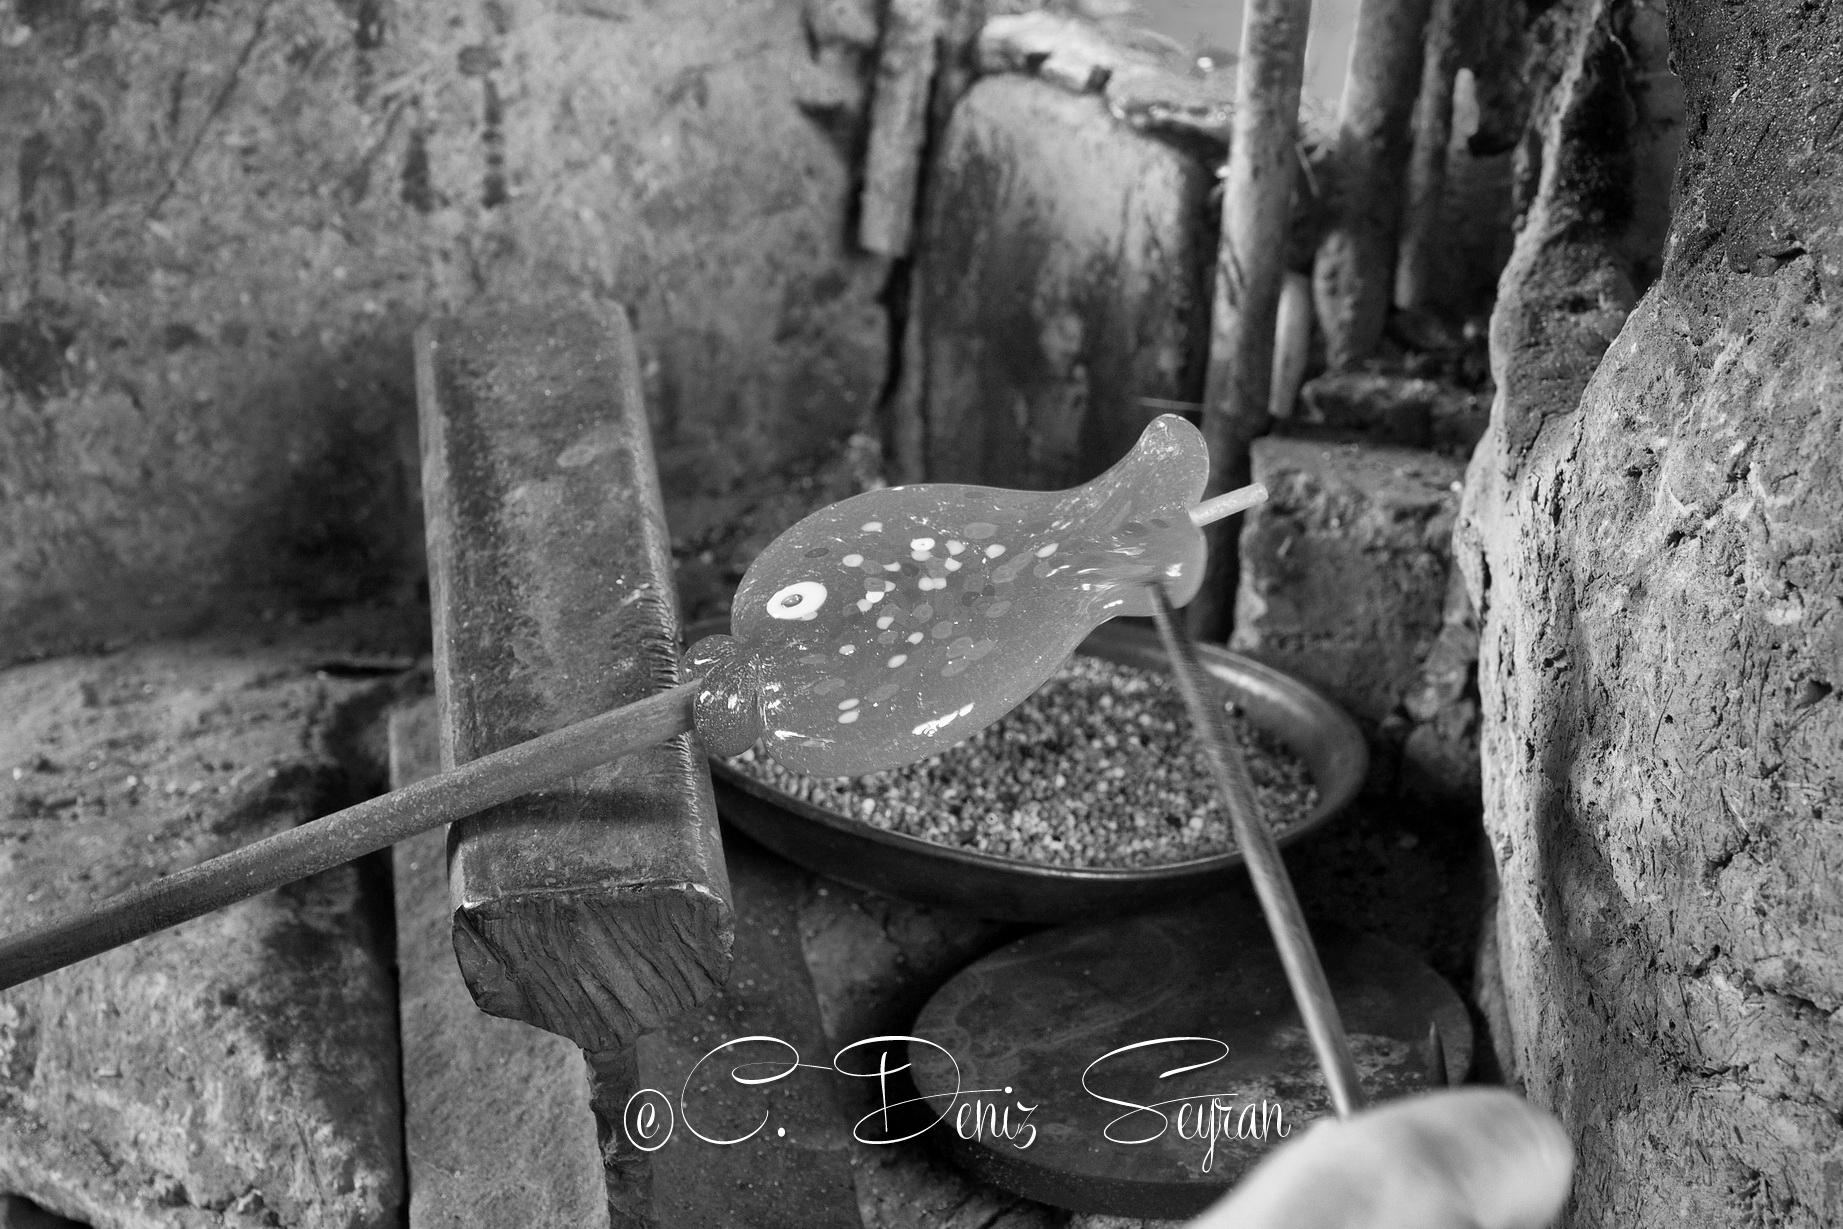 nazar boncuğu, deniz seyran